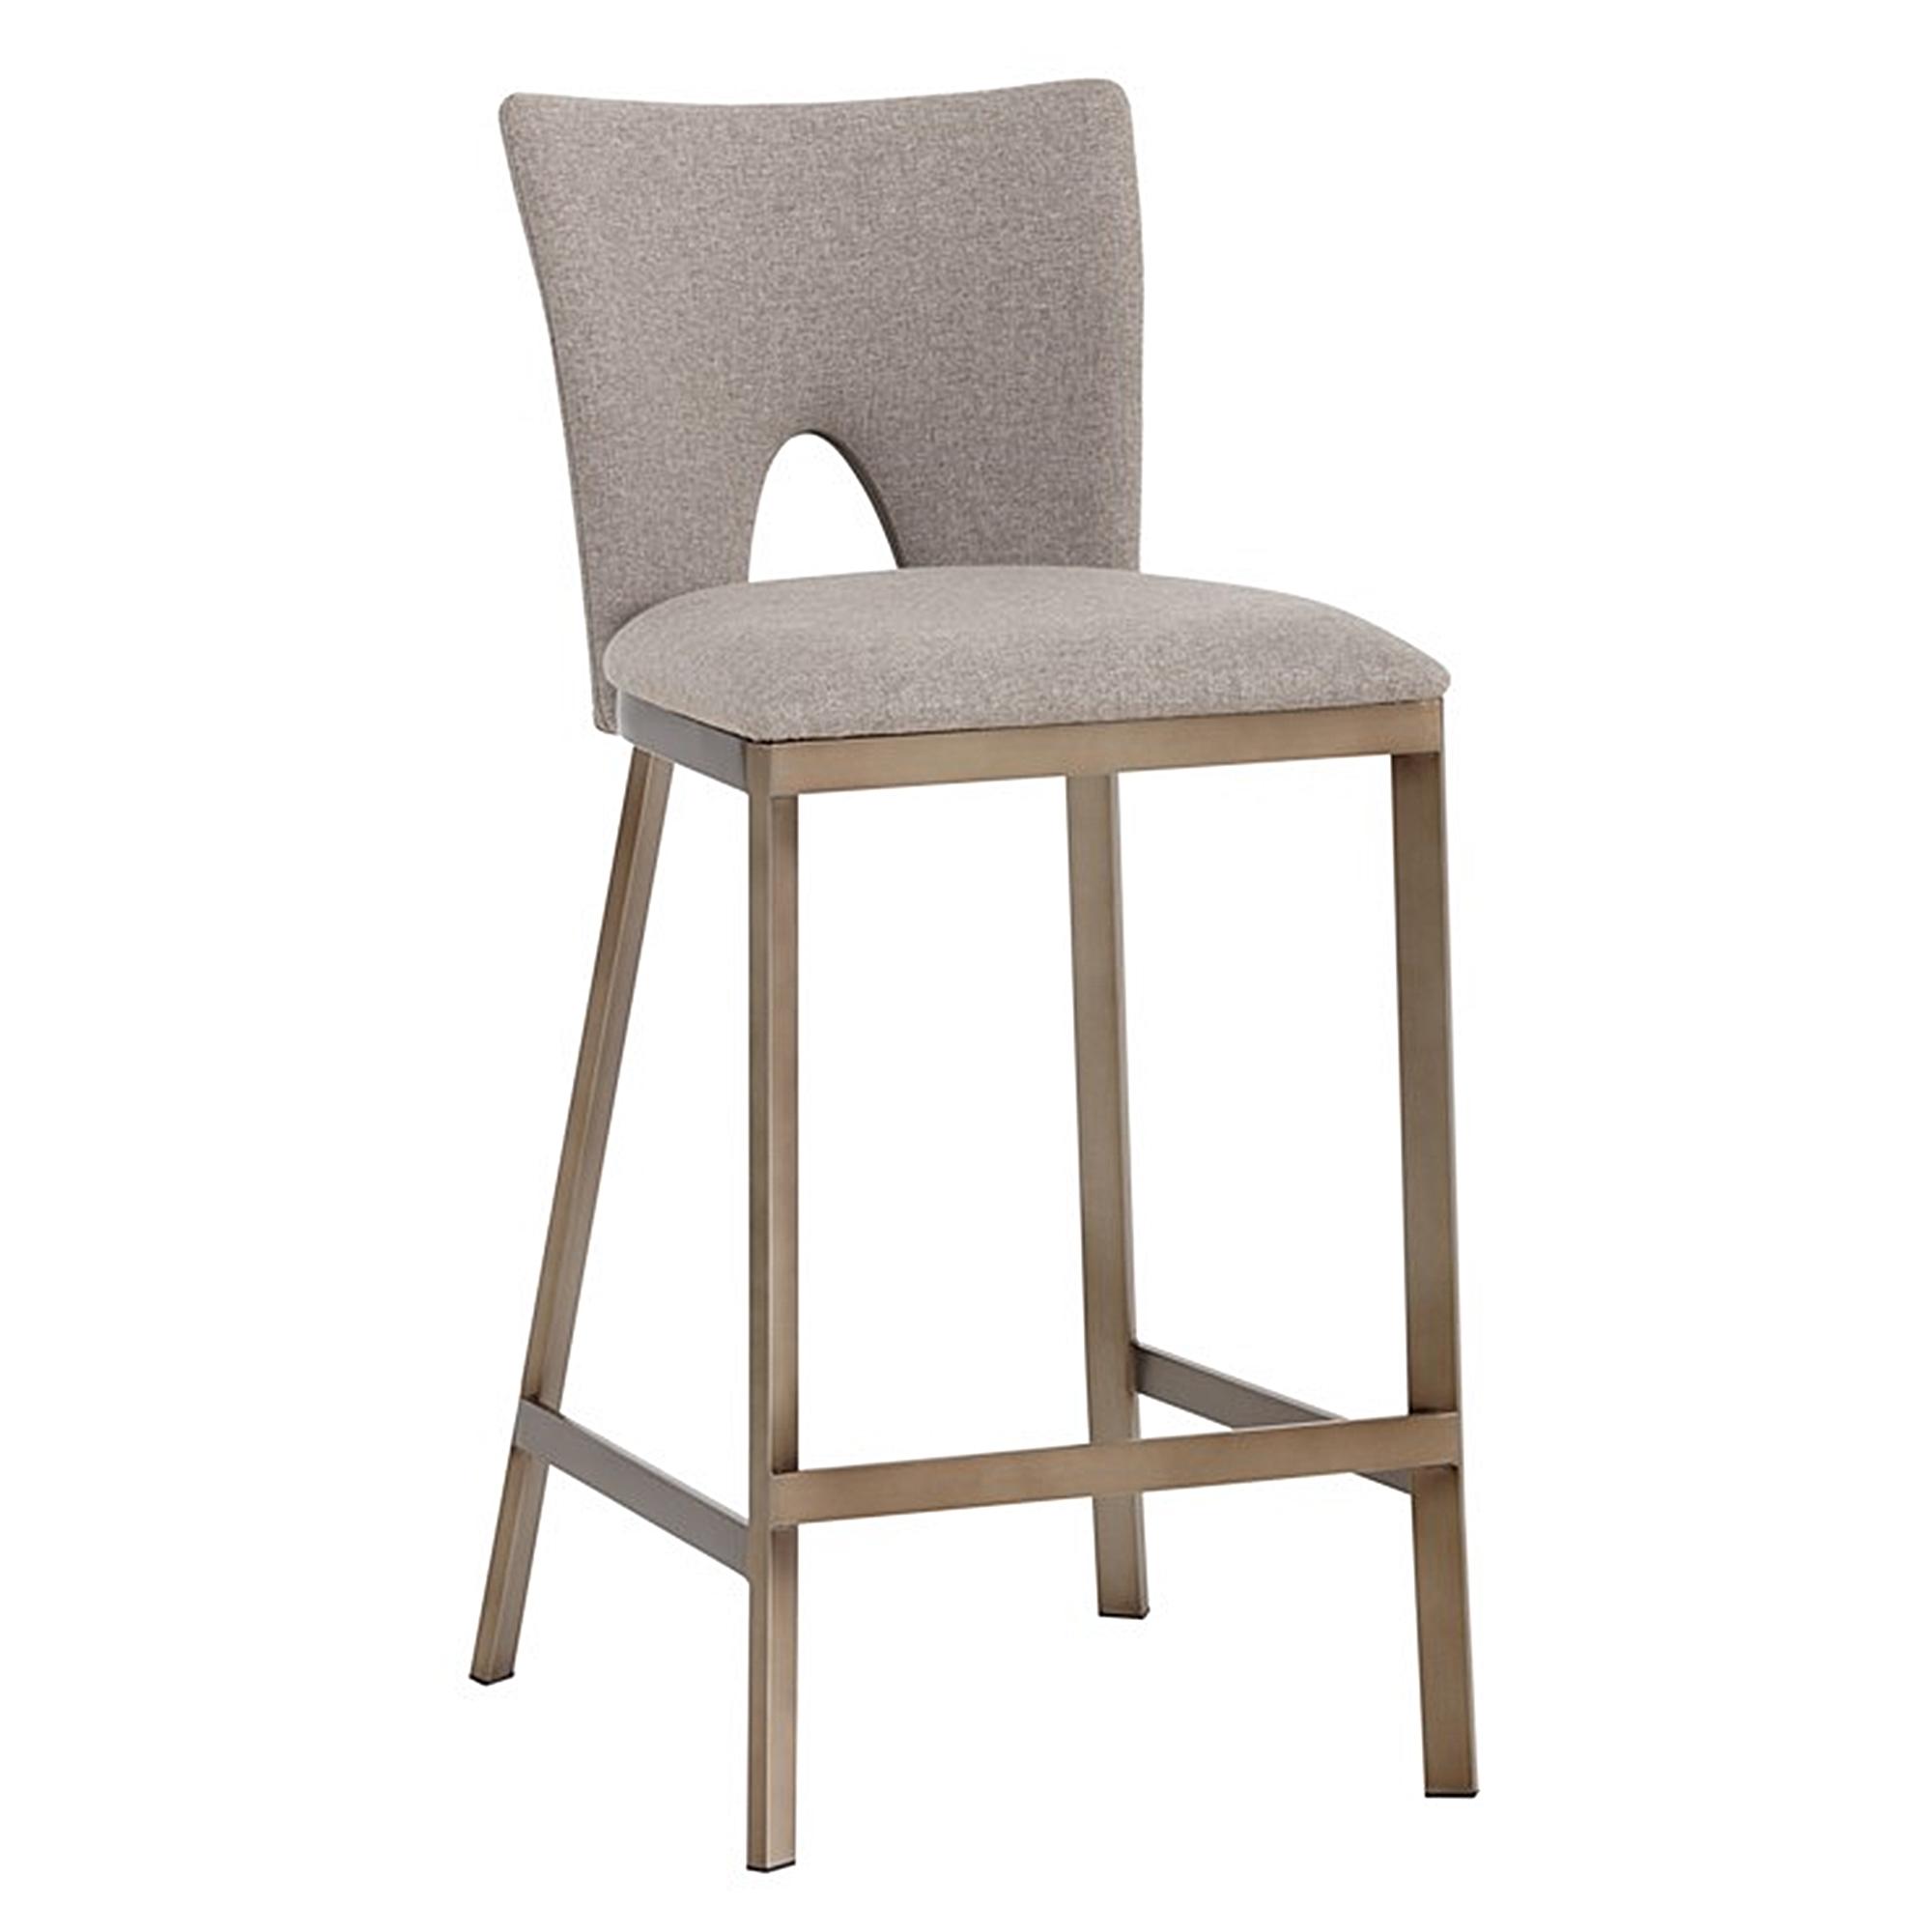 bar stools  kitchen counter stools  fabric counterbar